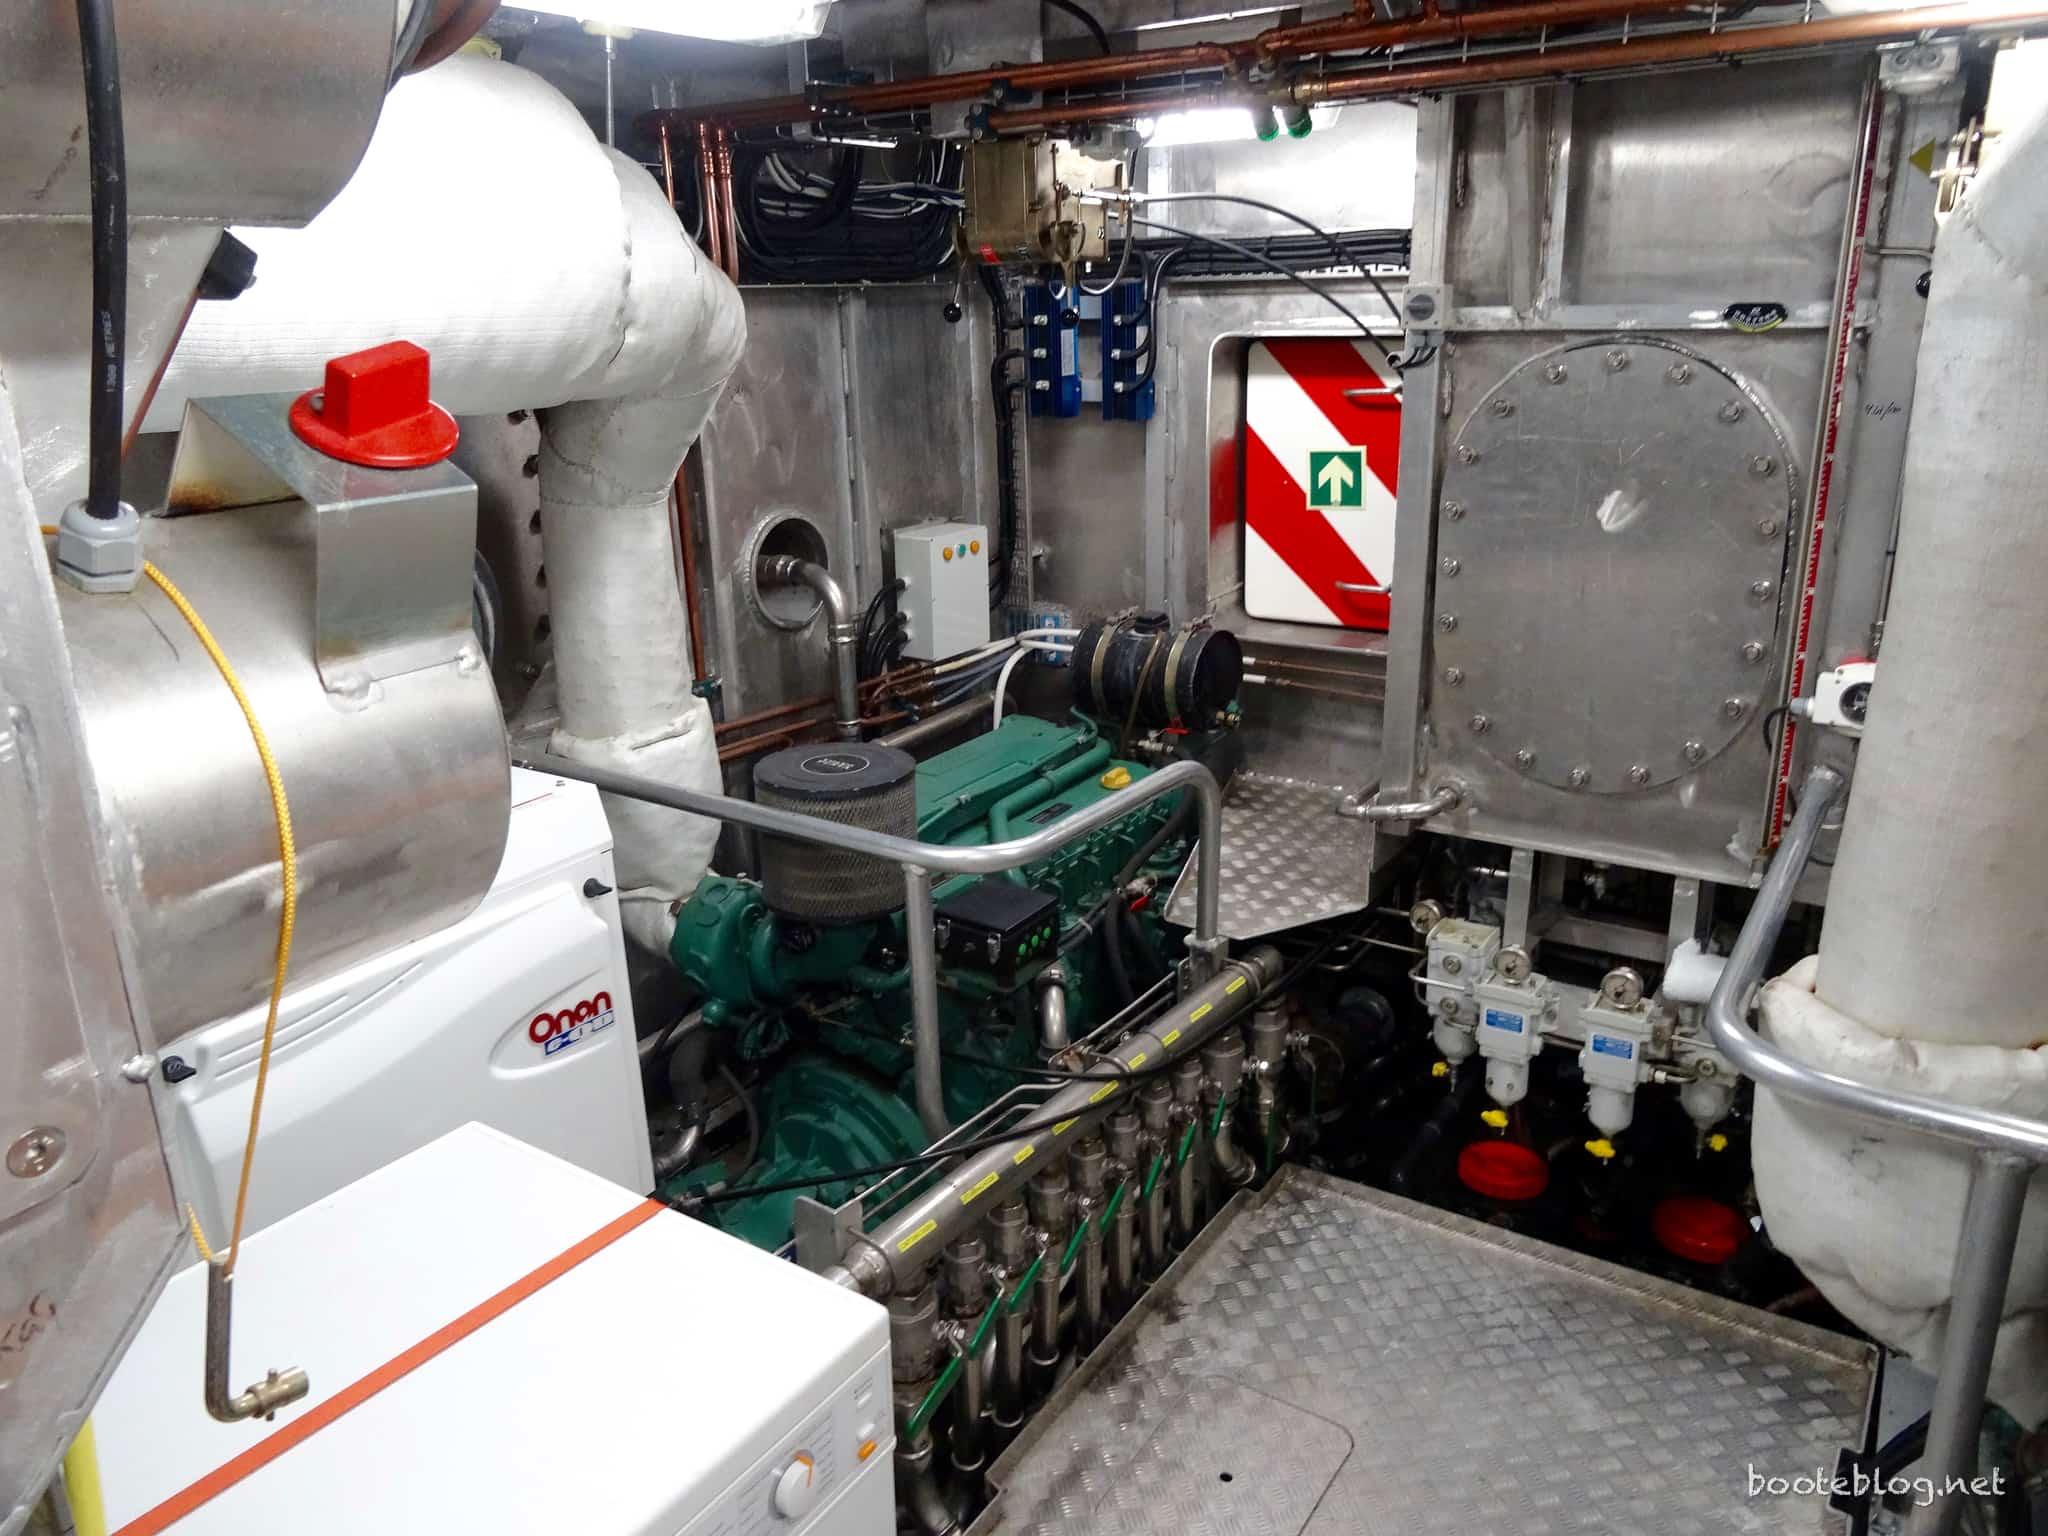 Aus weiterem Abstand zu sehen: Der 13,5kW Onan Generator, in der Mitte ein Tagestank für den Brennstoff, Doppelfilter und eine Fluchttür.